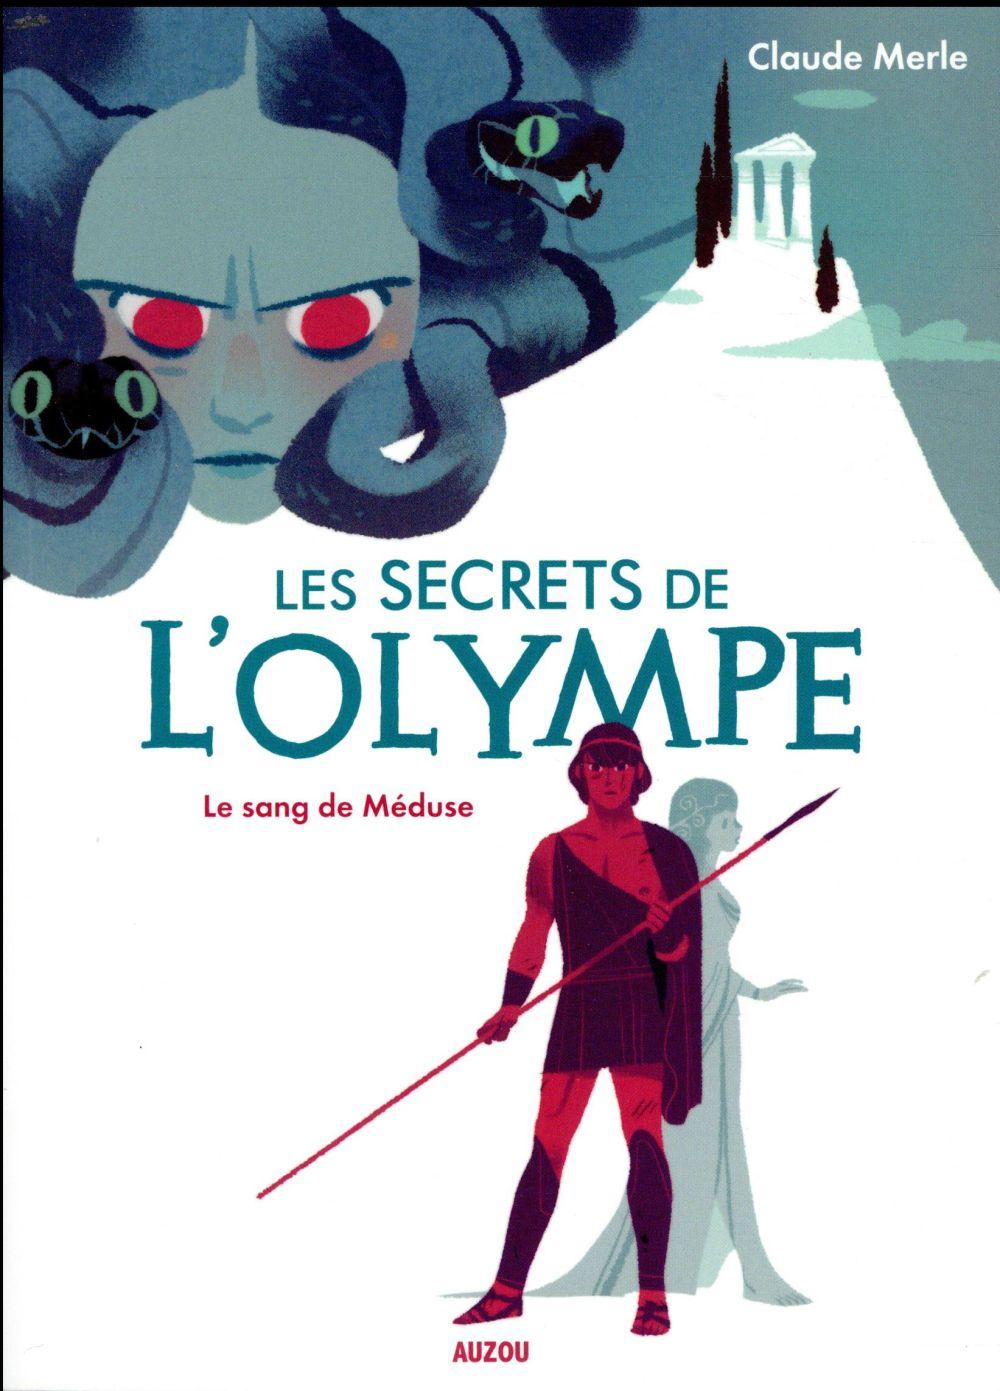 LES SECRETS DE L'OLYMPE - TOME 1 - LE SANG DE MEDUSE CLAUDE MERLE / ANNET PHILIPPE AUZOU